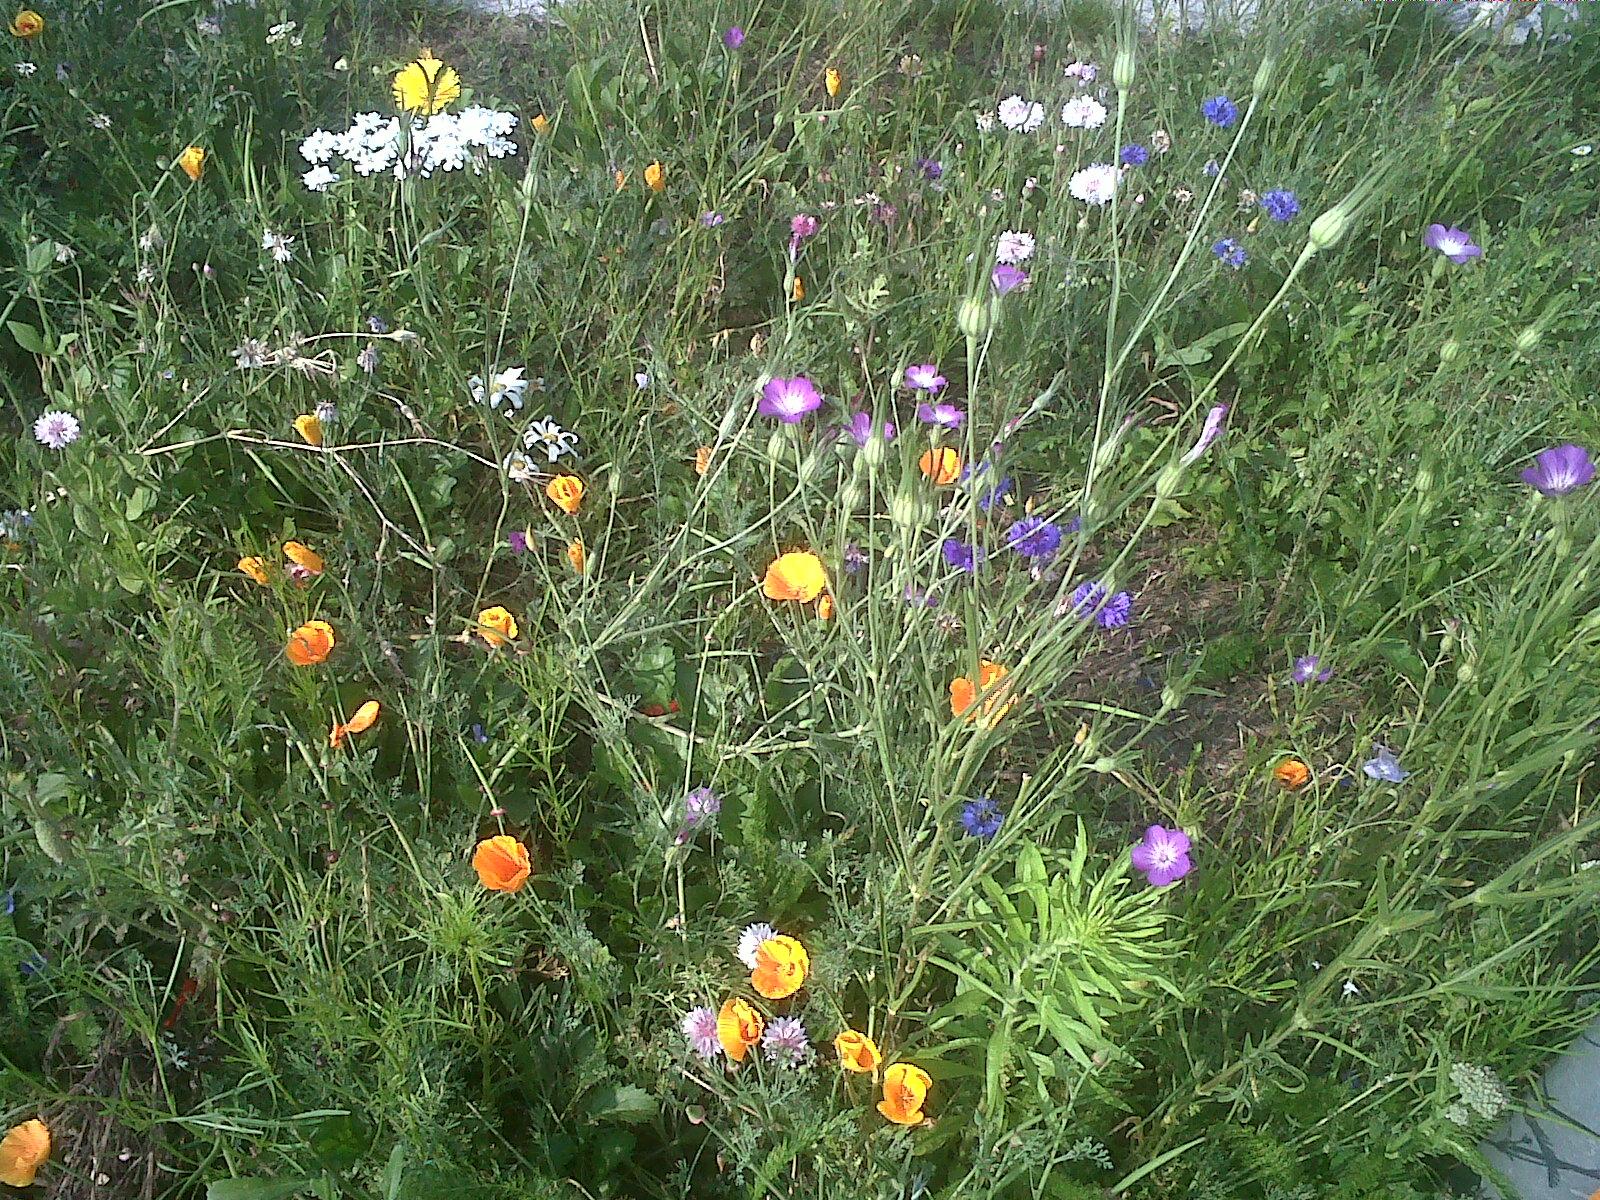 Brianza centrale aiuole fiorite a giussano for Aiuole fiorite immagini